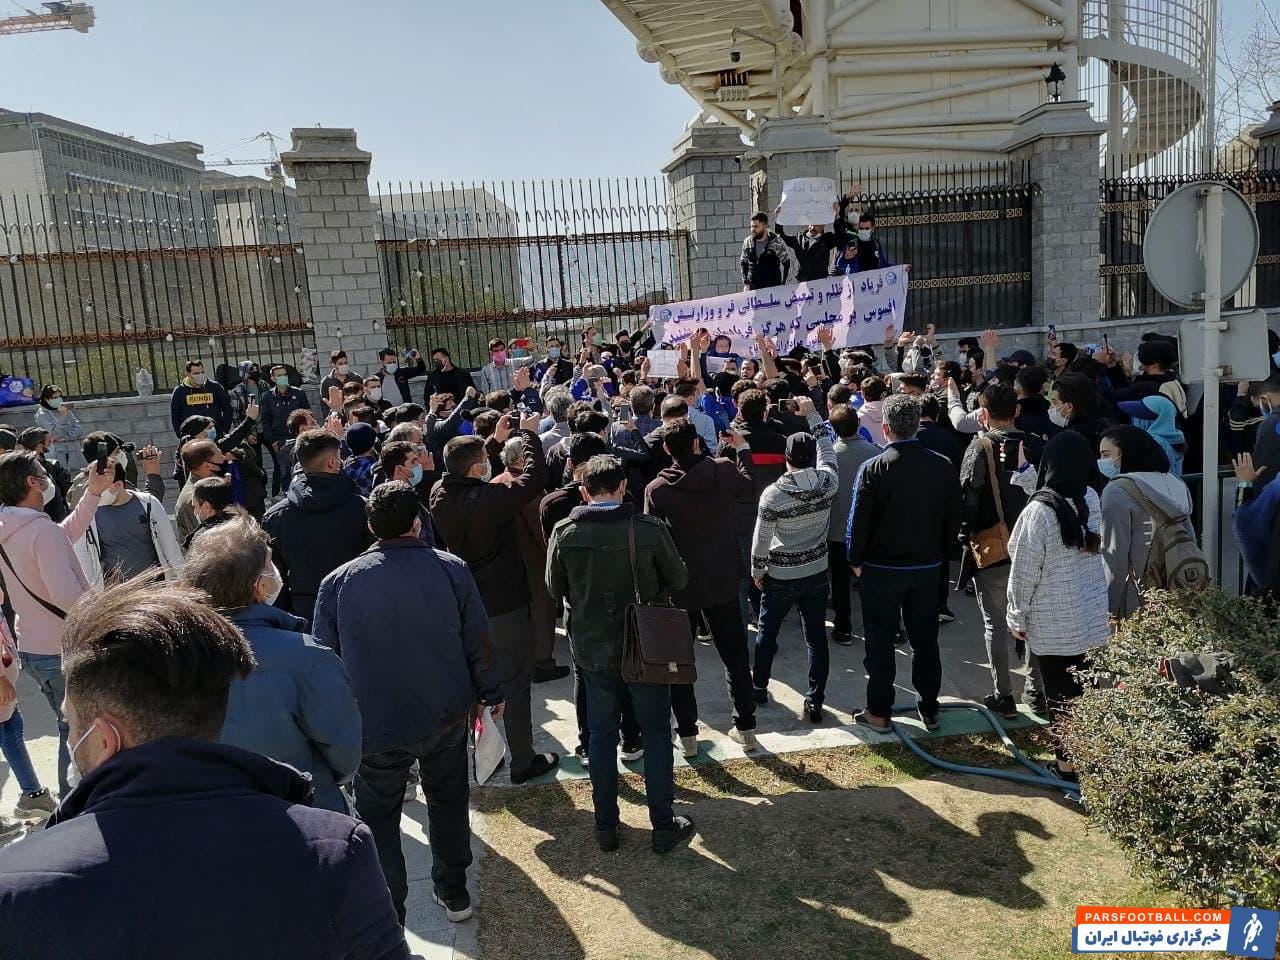 طرفداران استقلال با بی توجهی به بیانیه باشگاه، امروز صبح مقابل مجلس شورای اسلامی تجمع و نسبت به عملکرد مدیران این باشگاه به شدت معترض بودند.